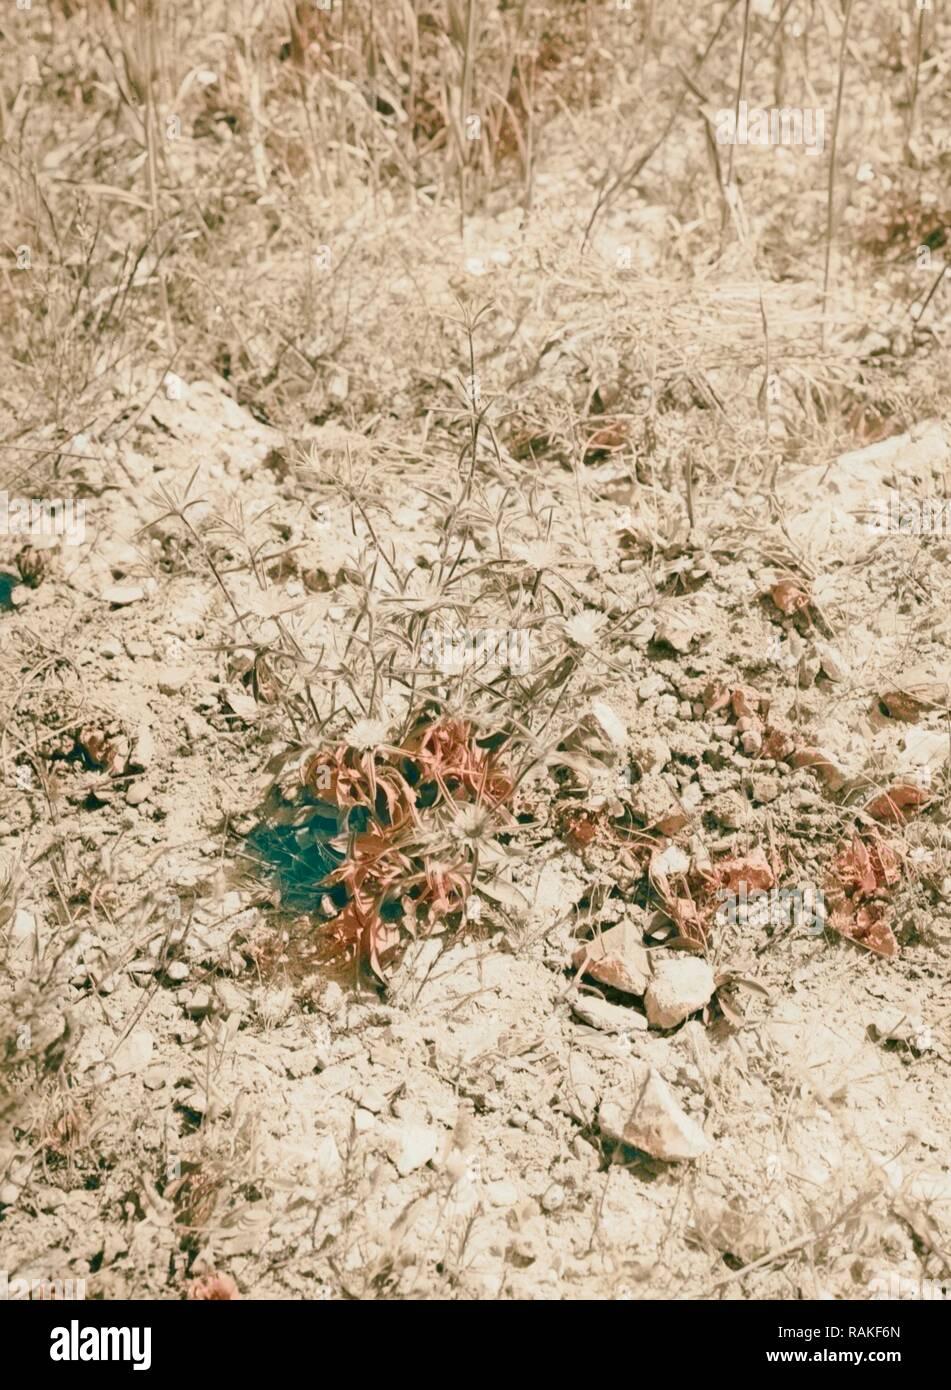 Fleurs sauvages de la Palestine. Pallenis (P. spinosa (L.) Cass.) 1900. Repensé par Gibon. L'art classique avec un style moderne repensé Photo Stock